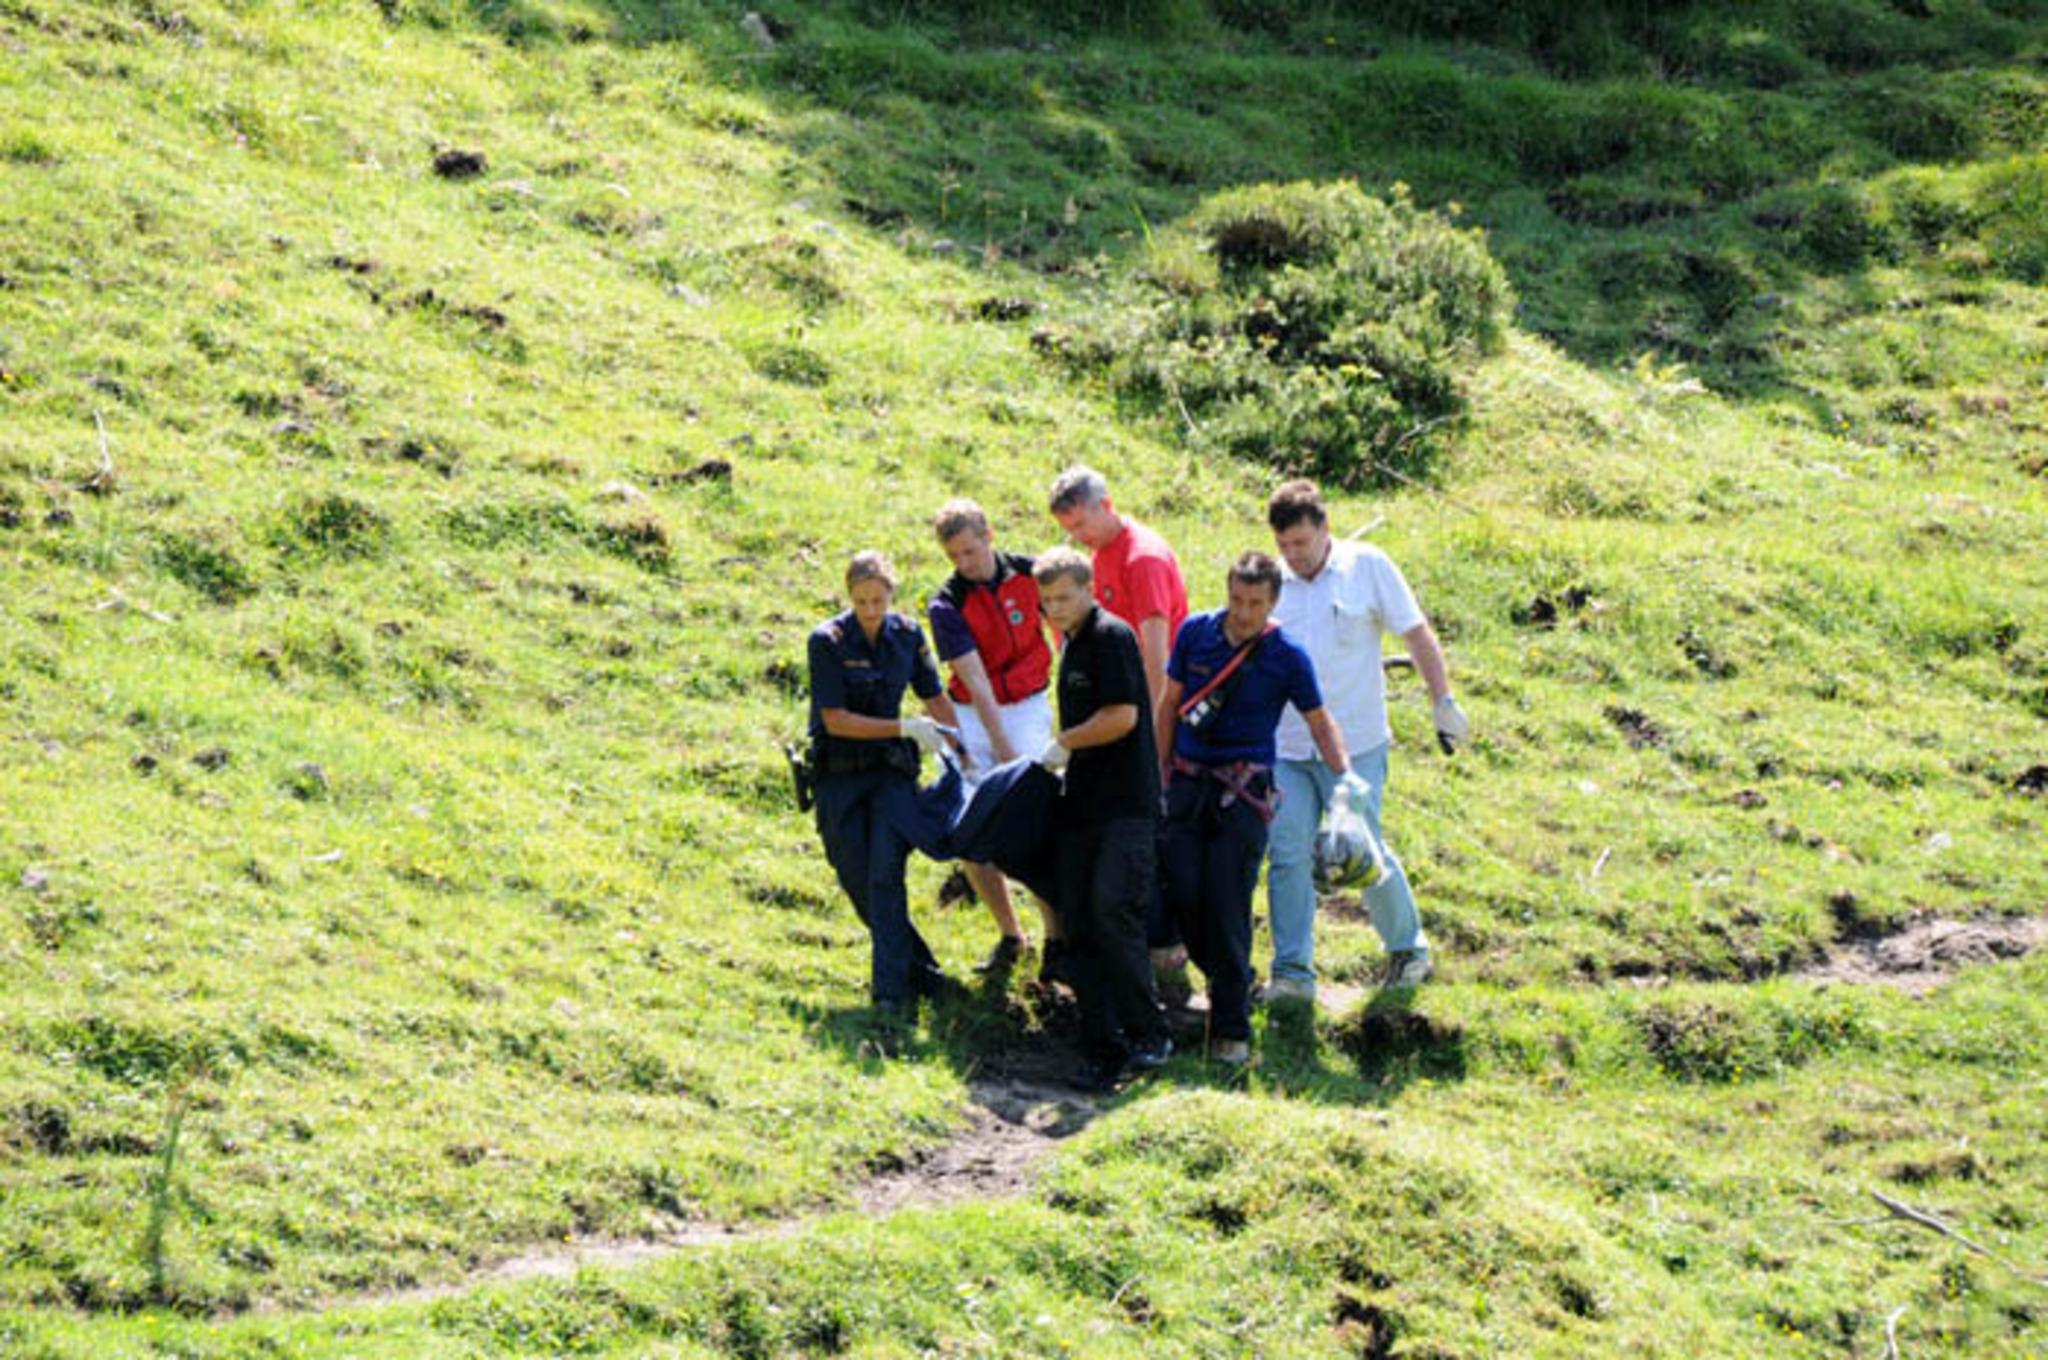 Klettersteig Ottenalm : Tödlicher alpinunfall am ottenalm klettersteig u edirettissima